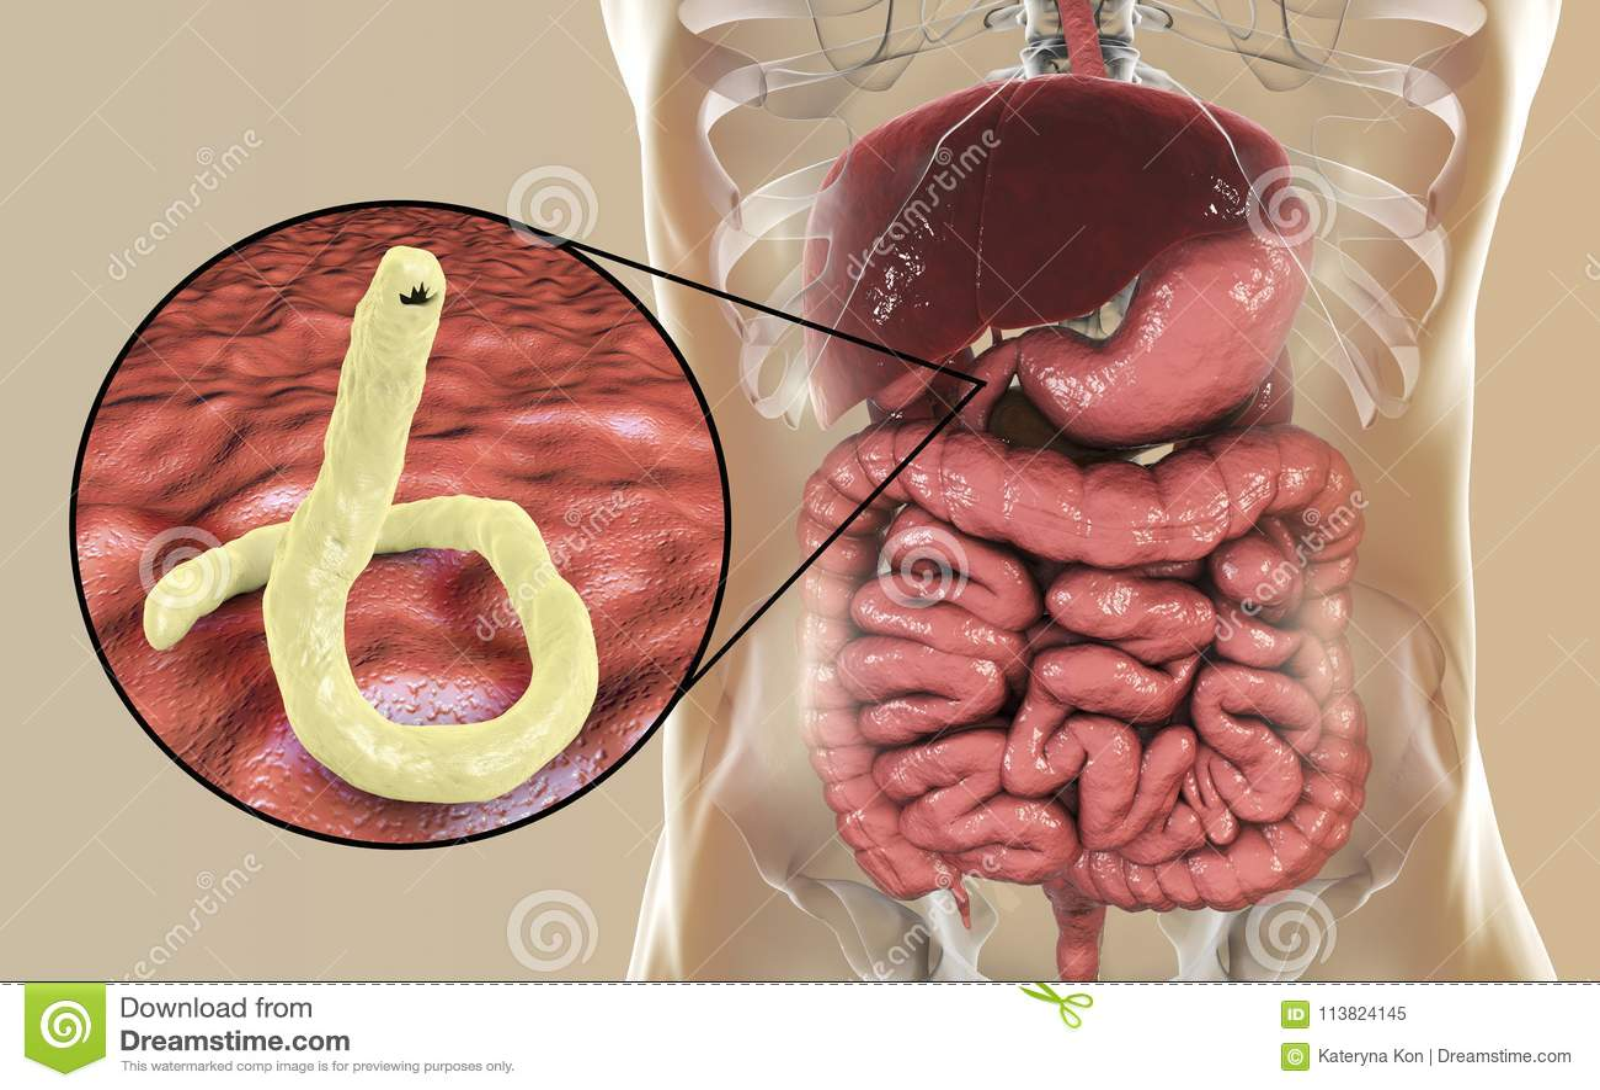 identificación de gusanos parásitos humanos